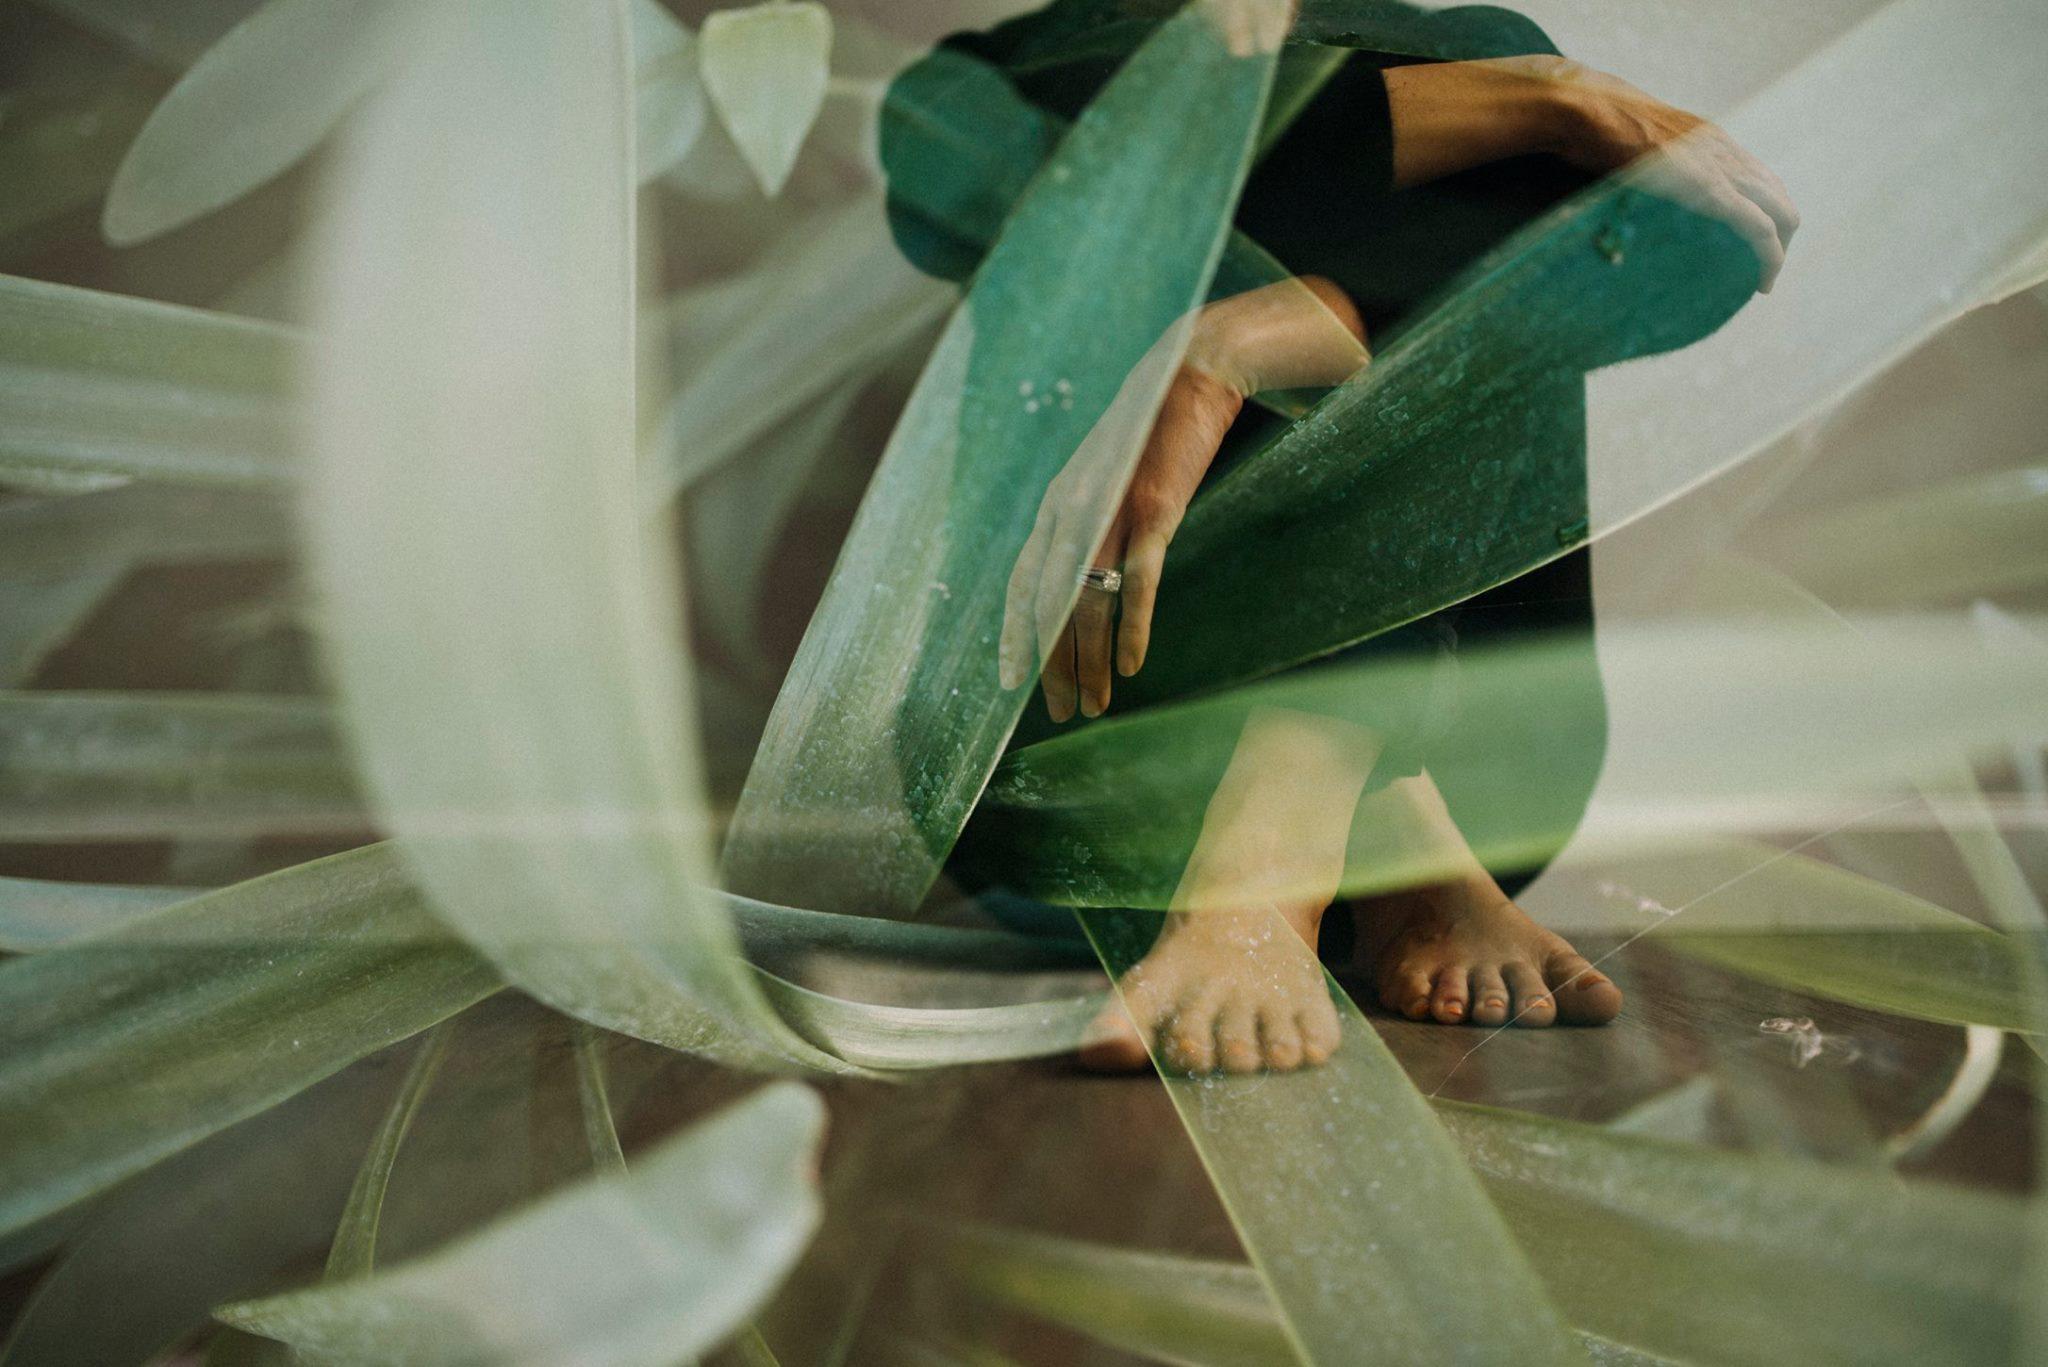 By Jolene Redfern